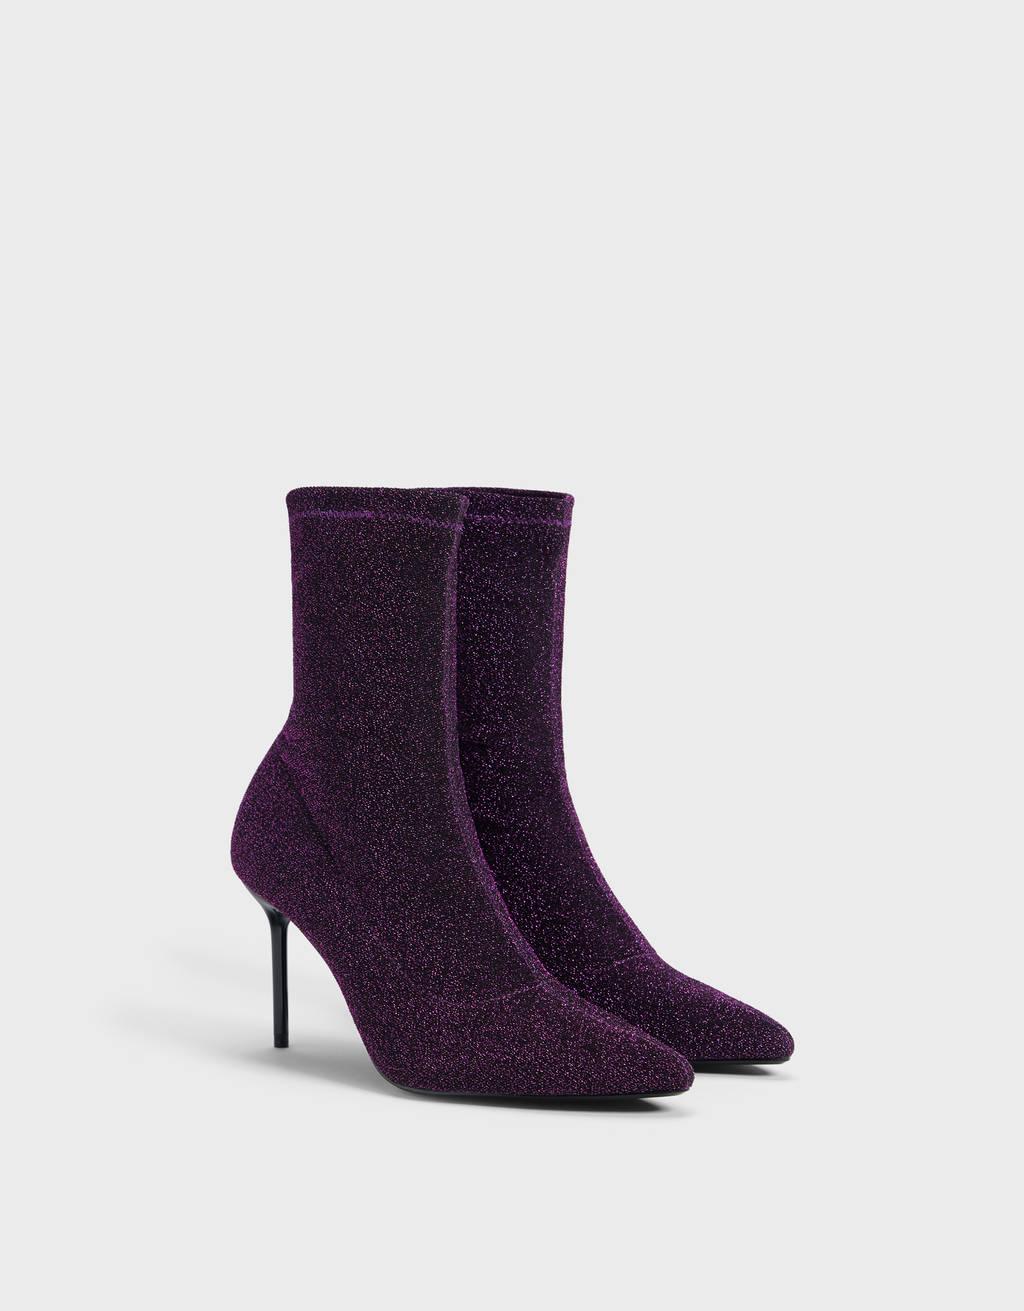 Bottines à talon chaussures-chaussettes scintillantes